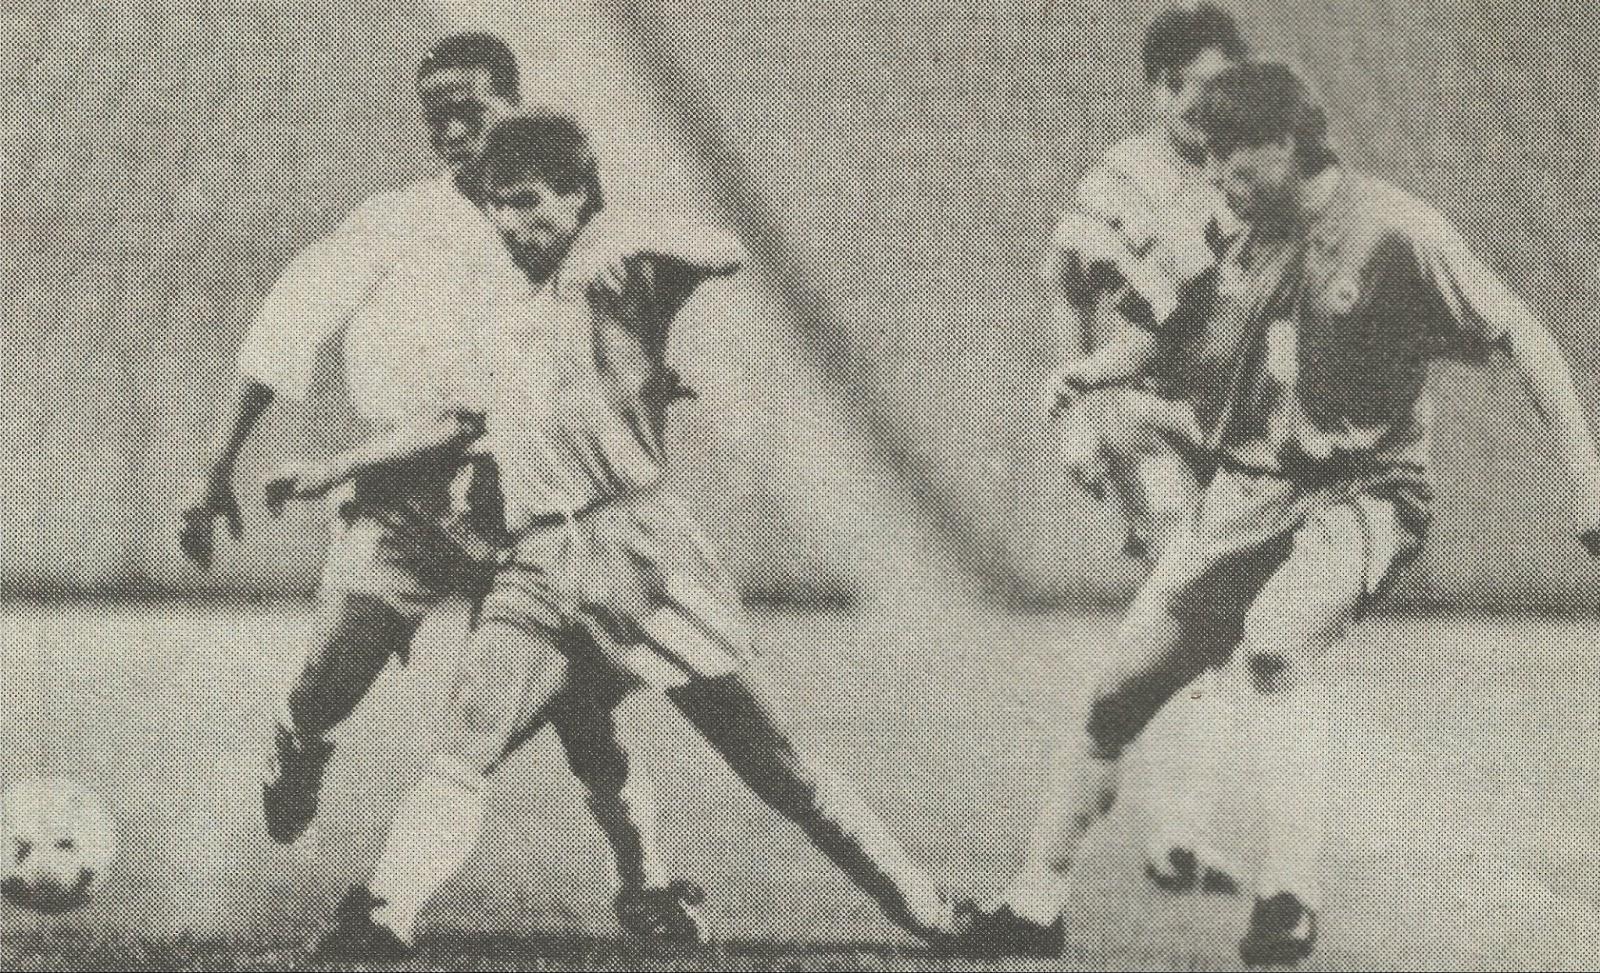 Arabia Saudita y Chile en partido amistoso, 26 de marzo de 1994